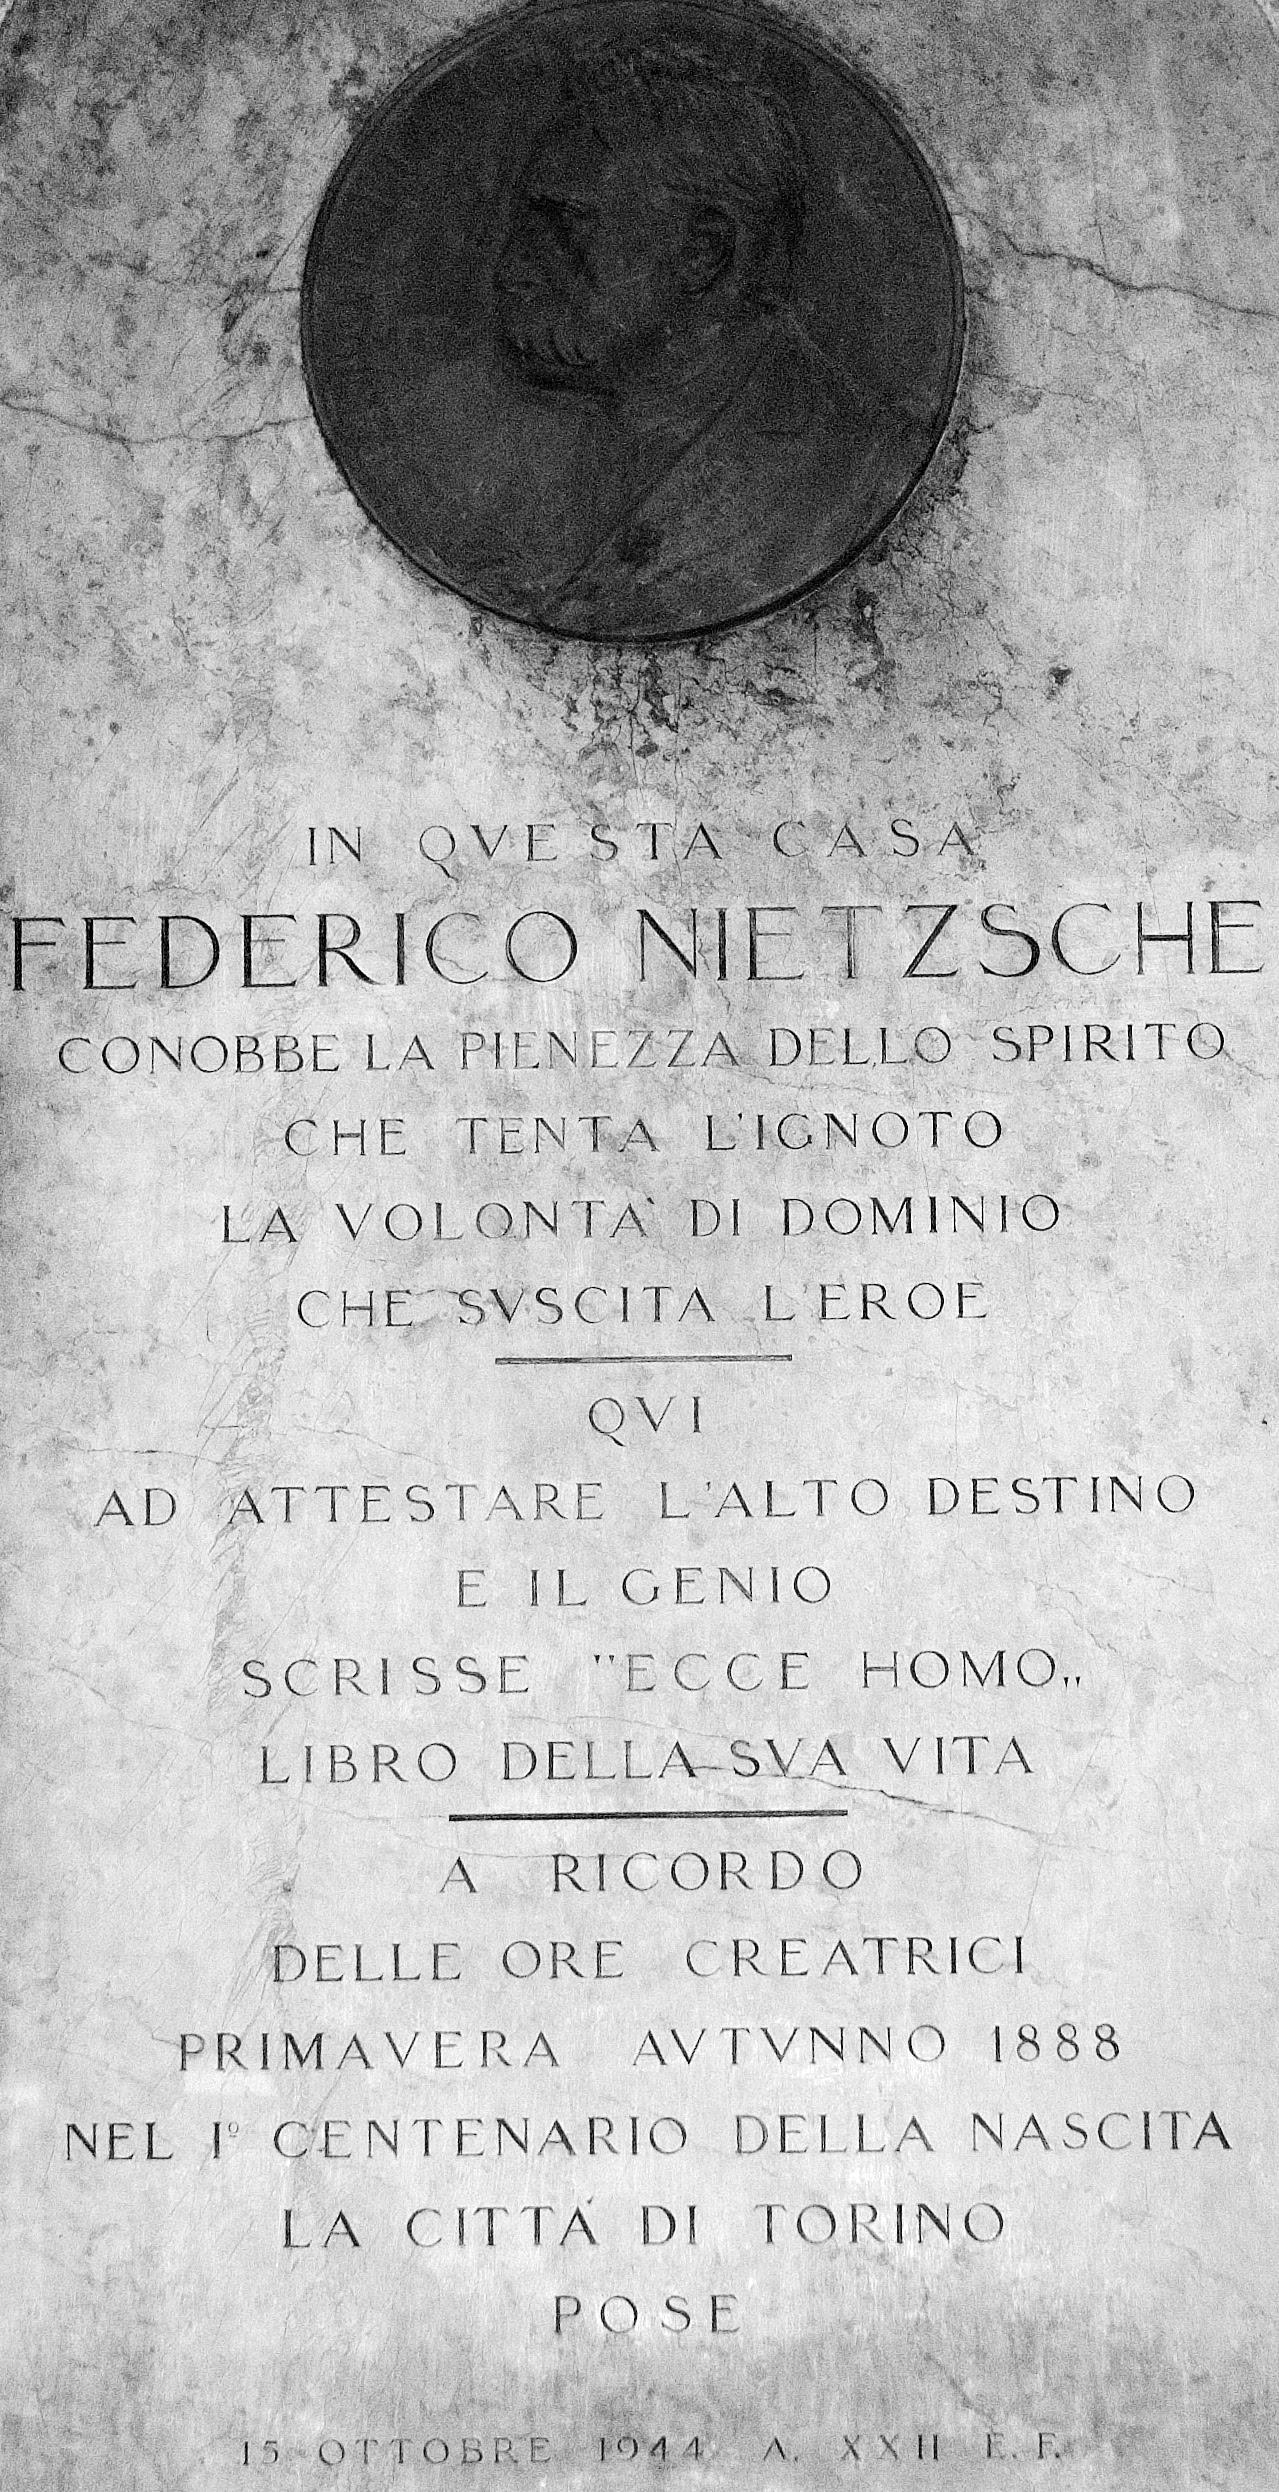 La ciudad de Torino recuerda a Nietzsche en el centenario de su nacimiento.